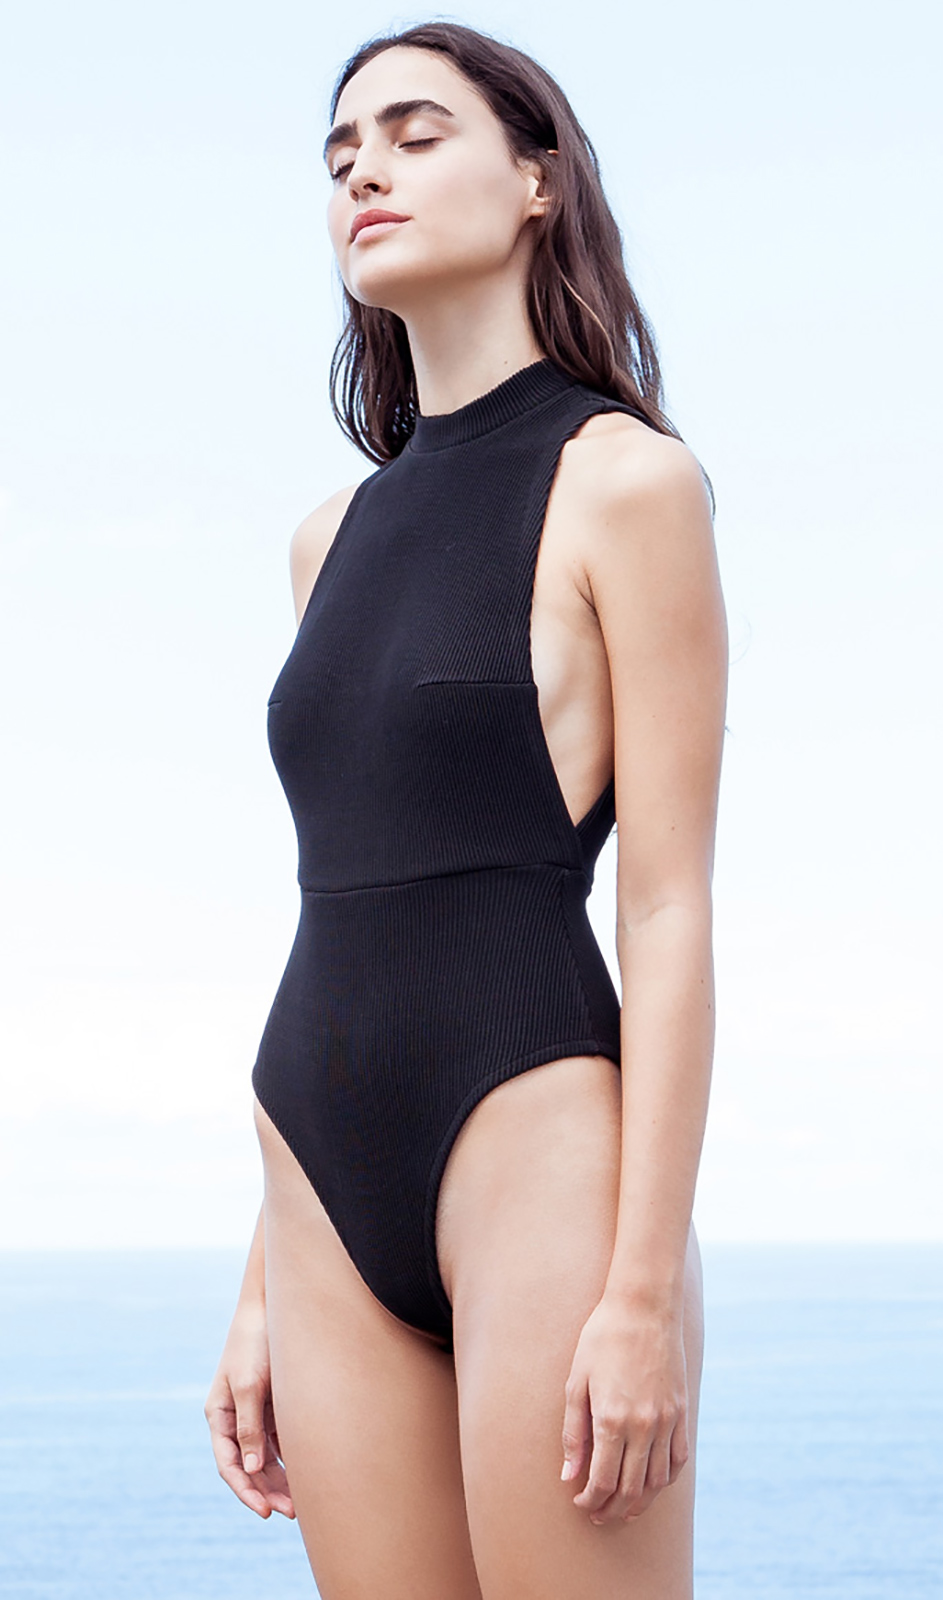 7a28e1e76559d ... Black tricot knit one-piece high-neck swimsuit - MAIÔ TRICOT KATE PRETO  ...